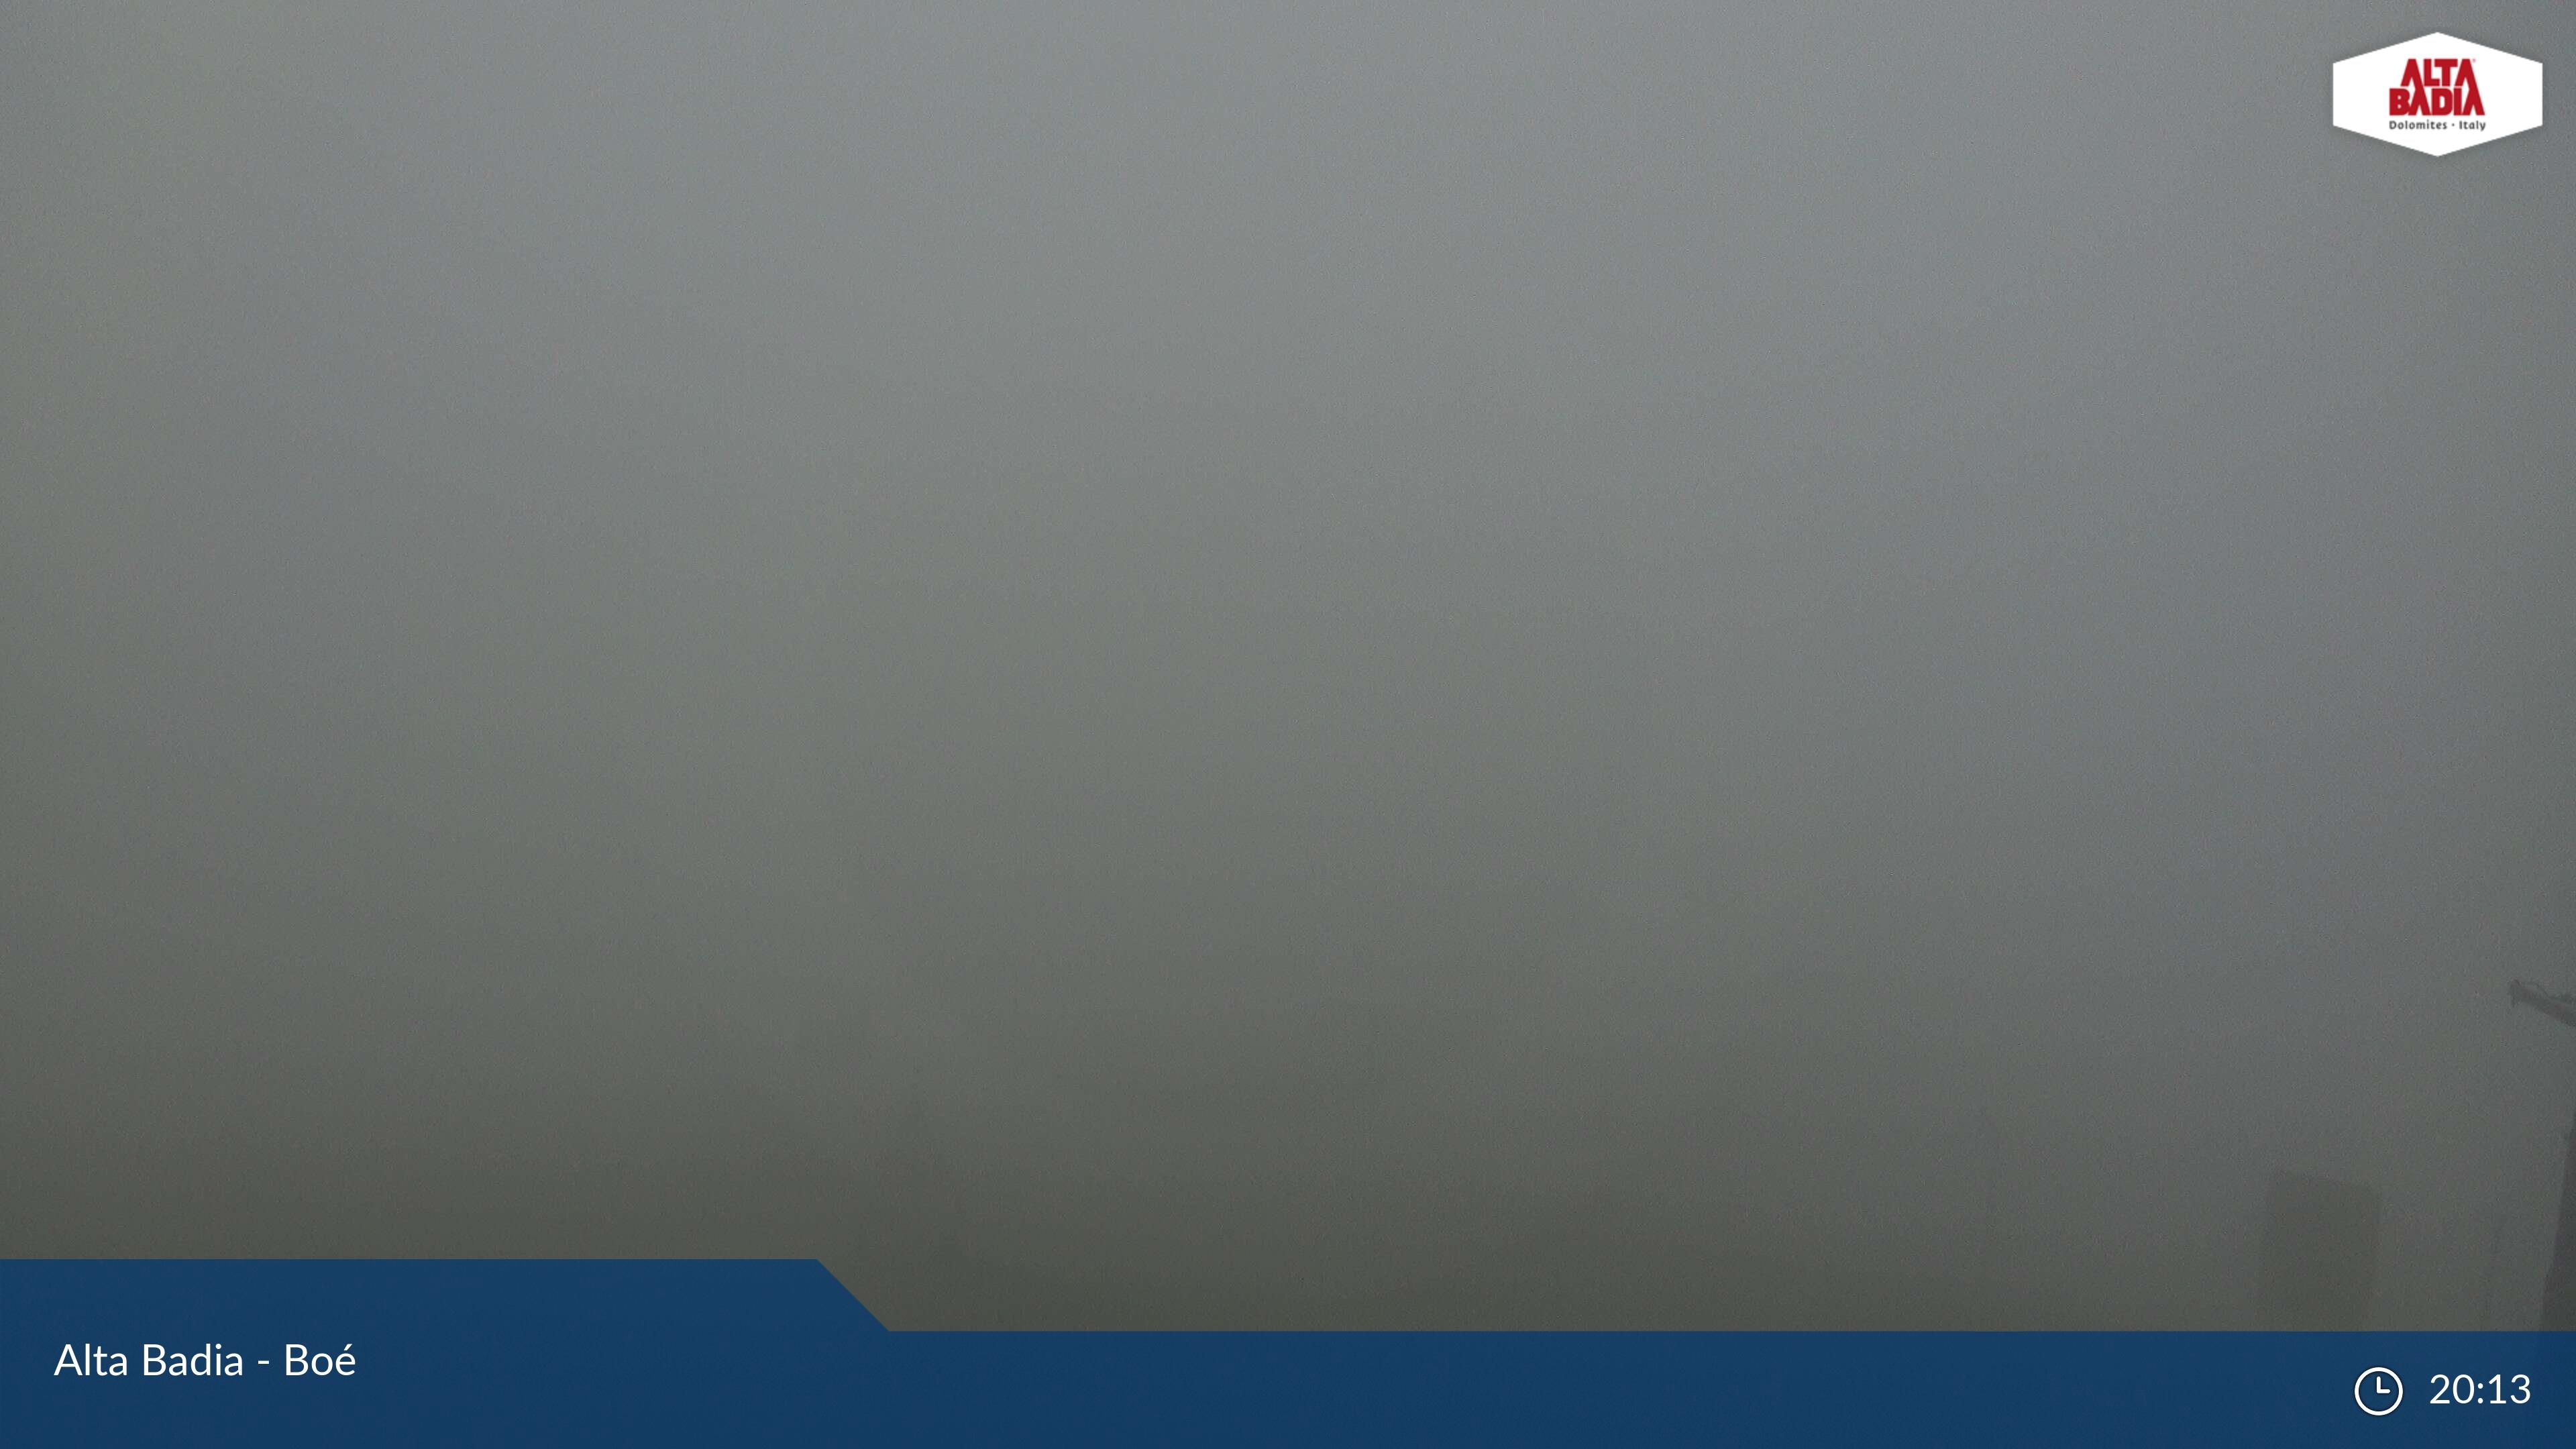 Alta Badia Colfosco  - Piz Boe webcam